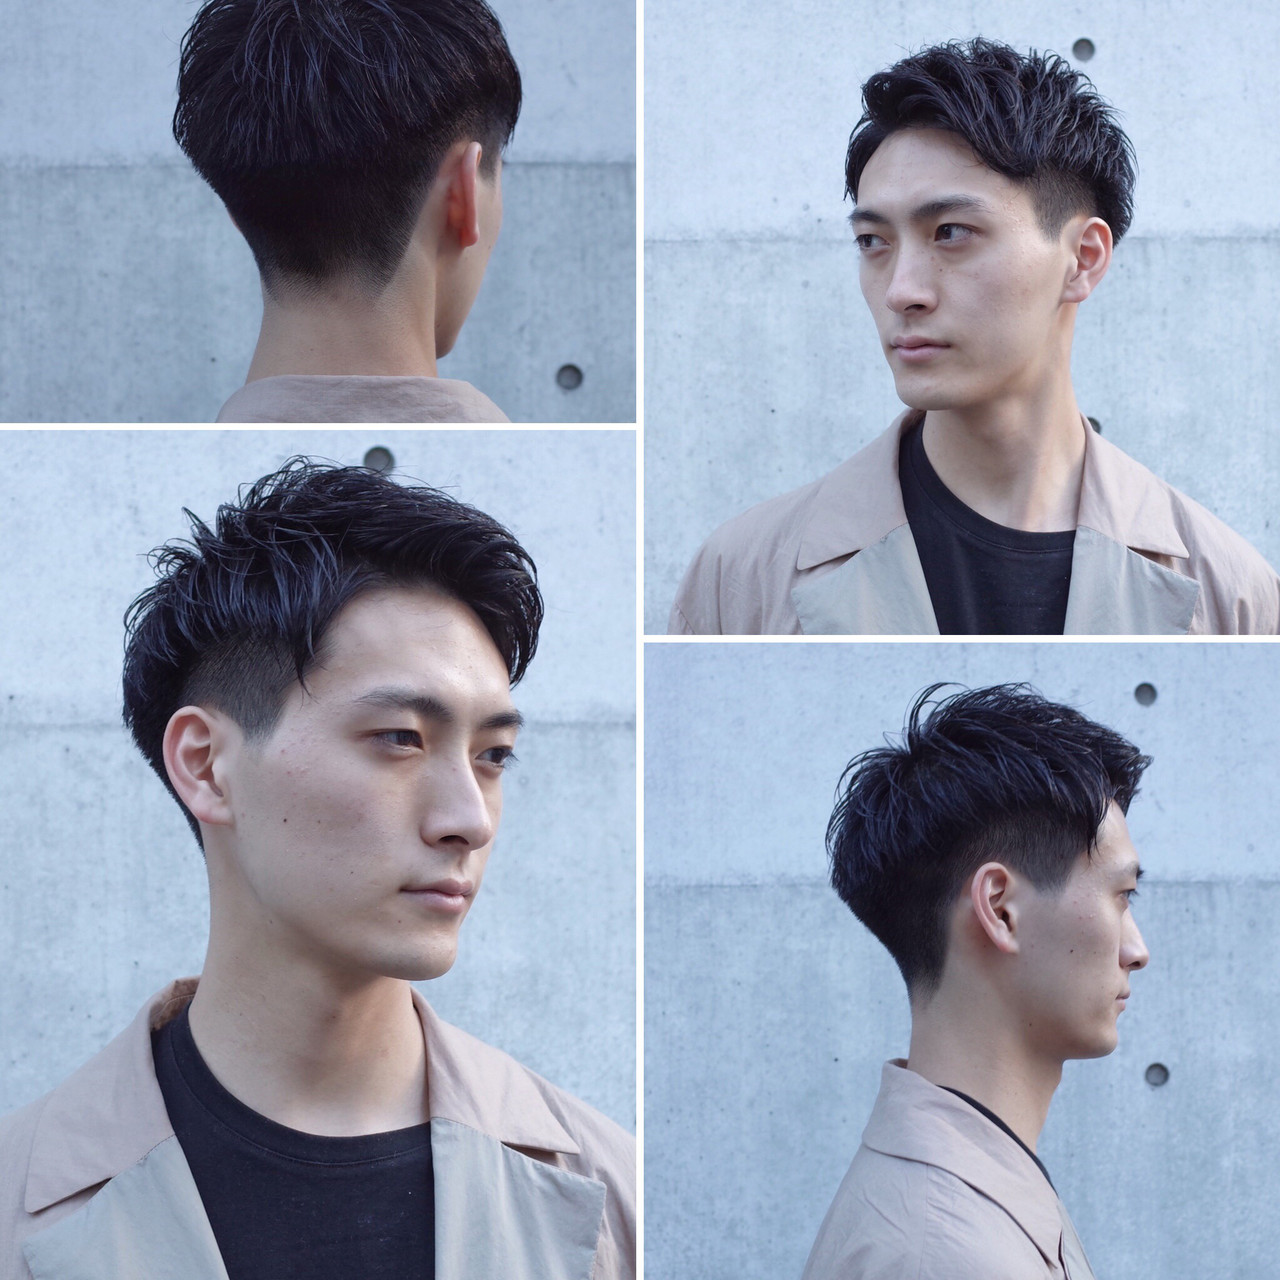 ツーブロック ショート 刈り上げ ナチュラル ヘアスタイルや髪型の写真・画像